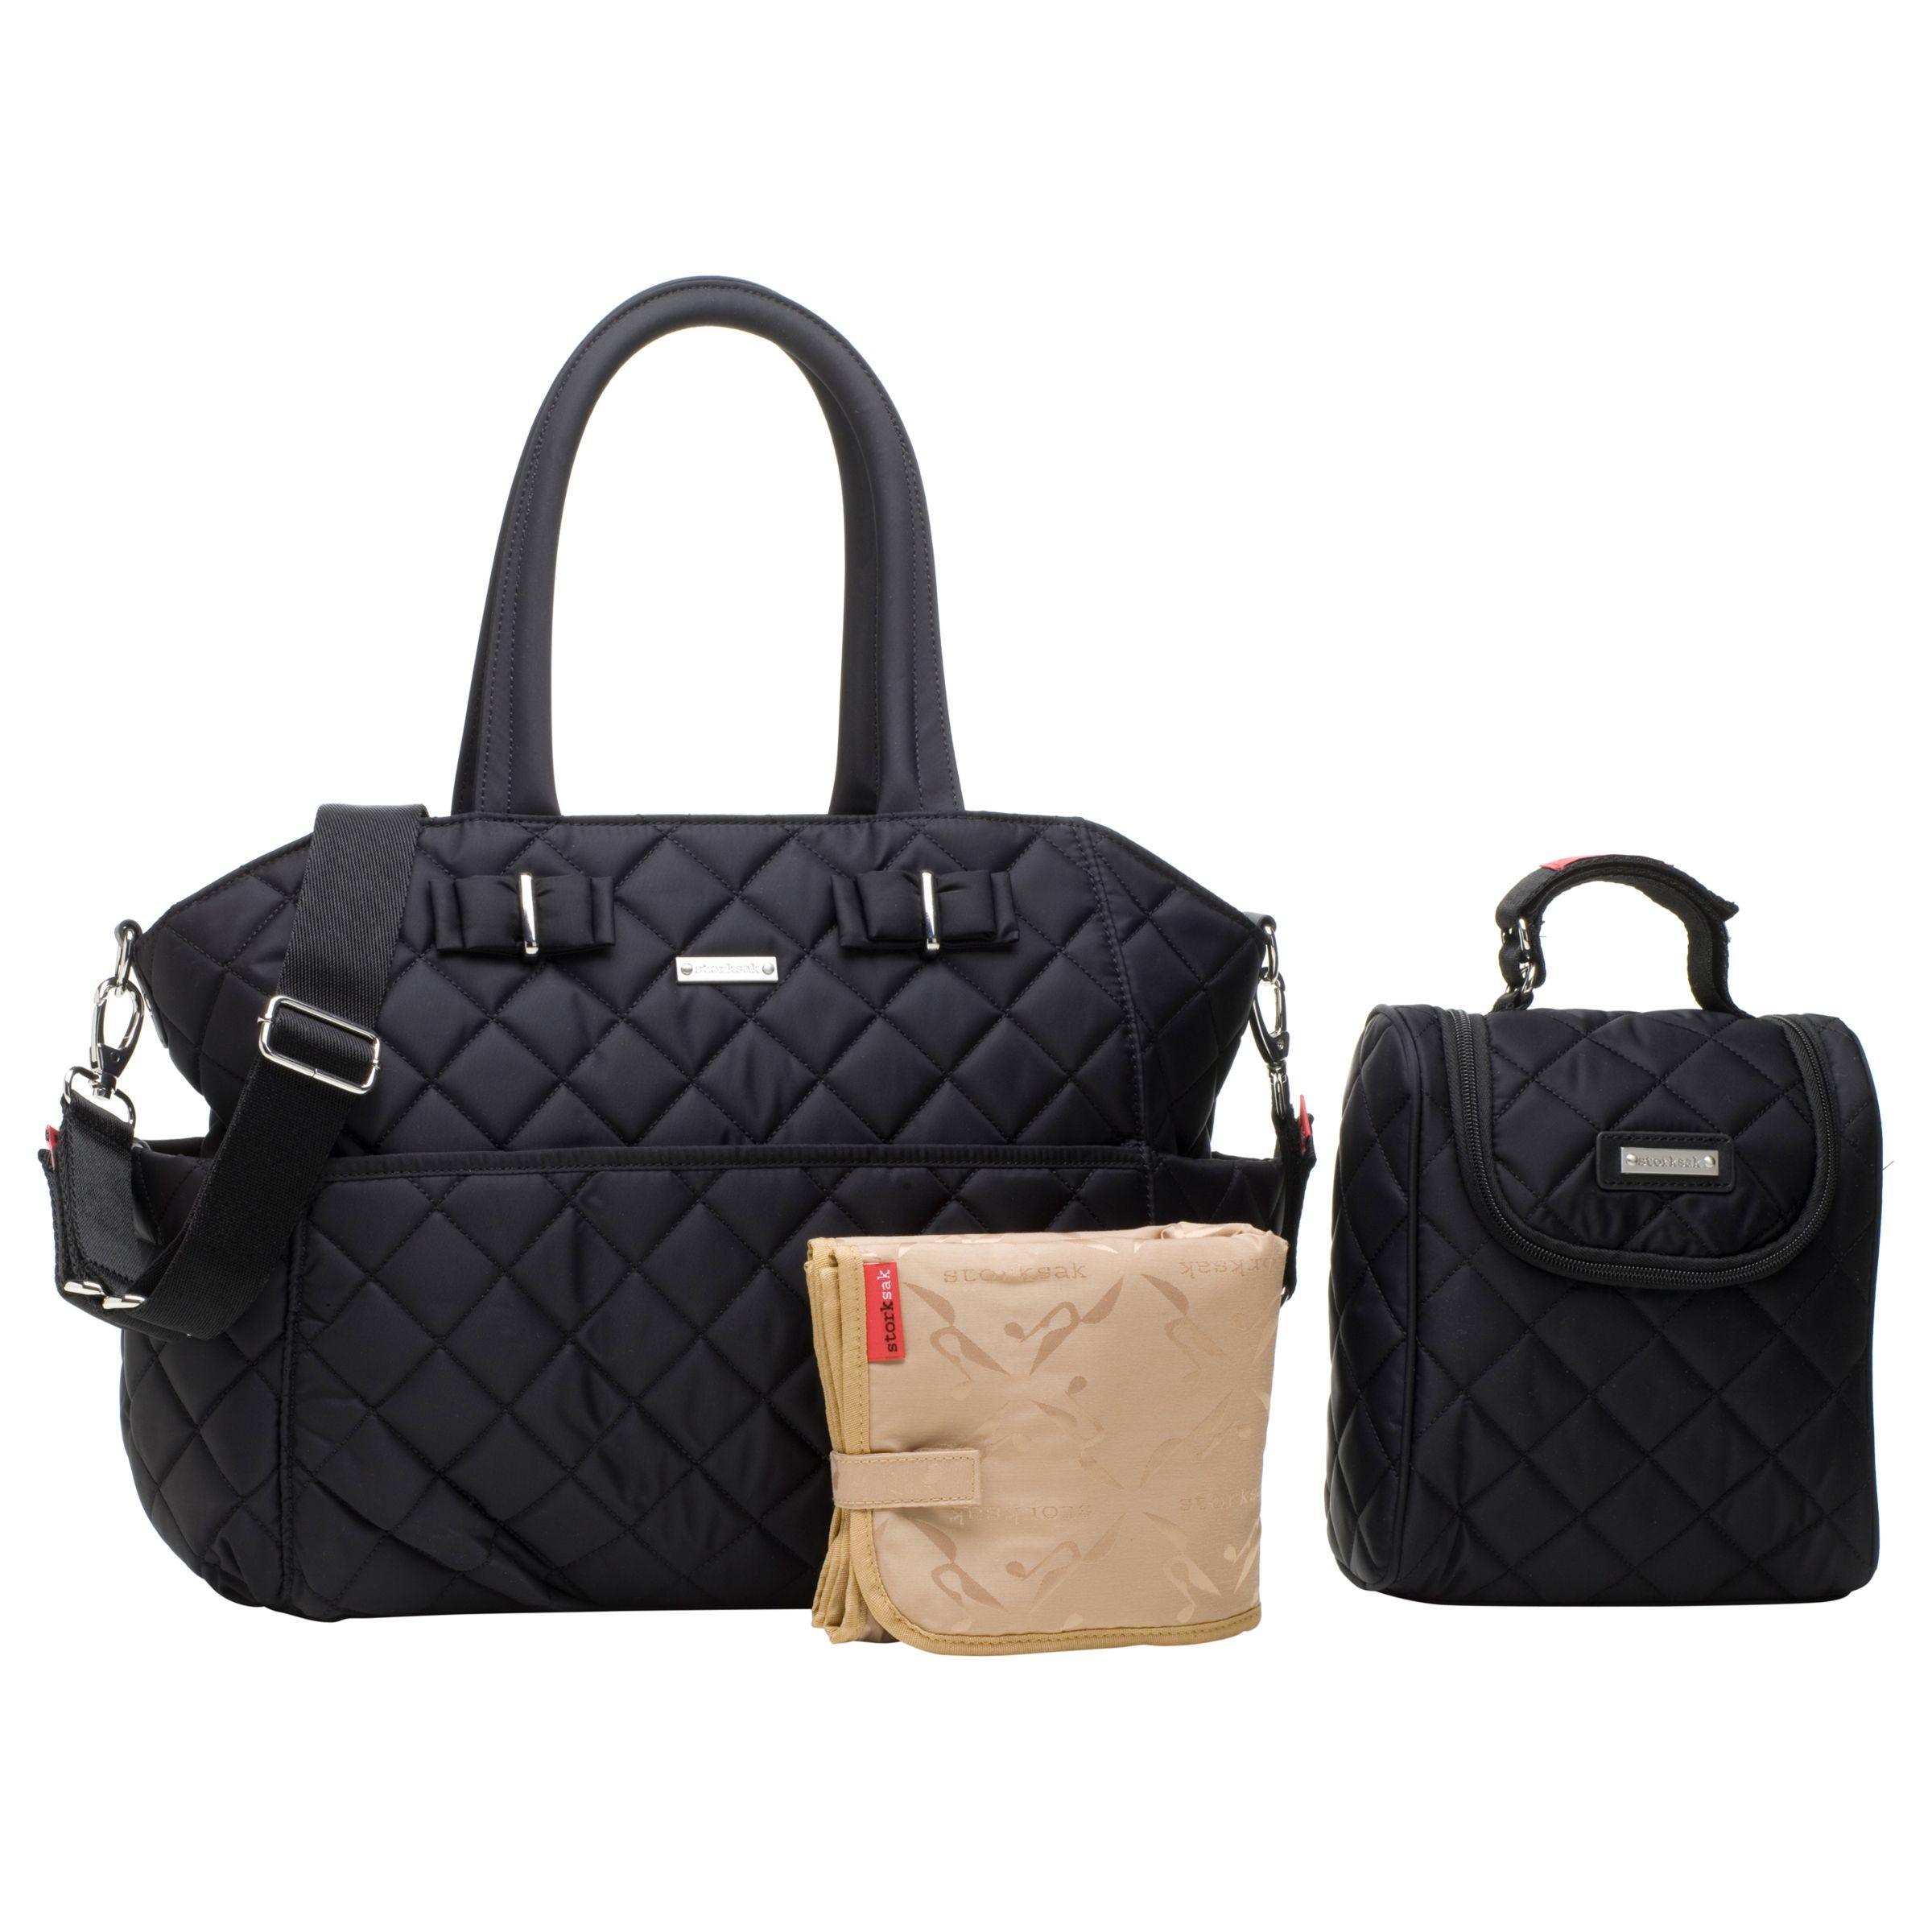 Storksak Storksak Bobby Changing Bag, Black